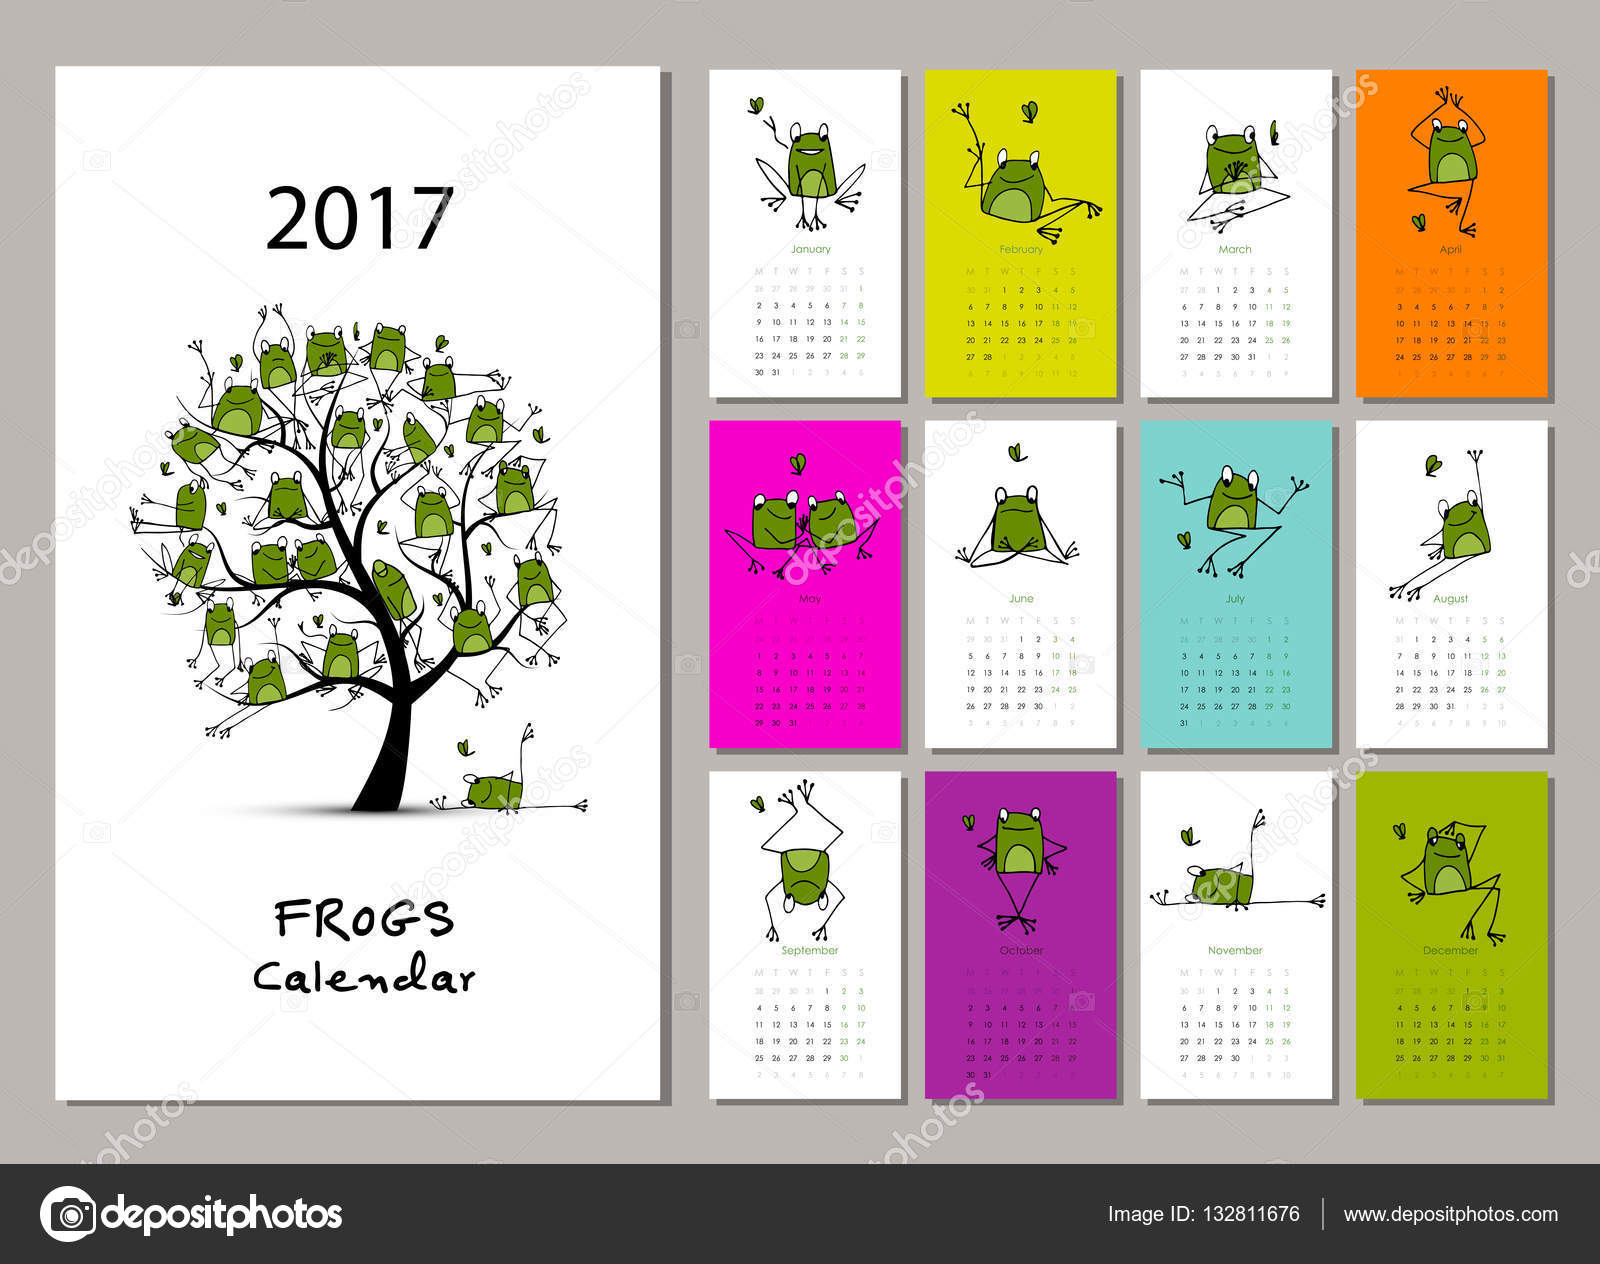 Ranas divertidas dise o de calendario 2017 vector de - Disenos de calendarios ...